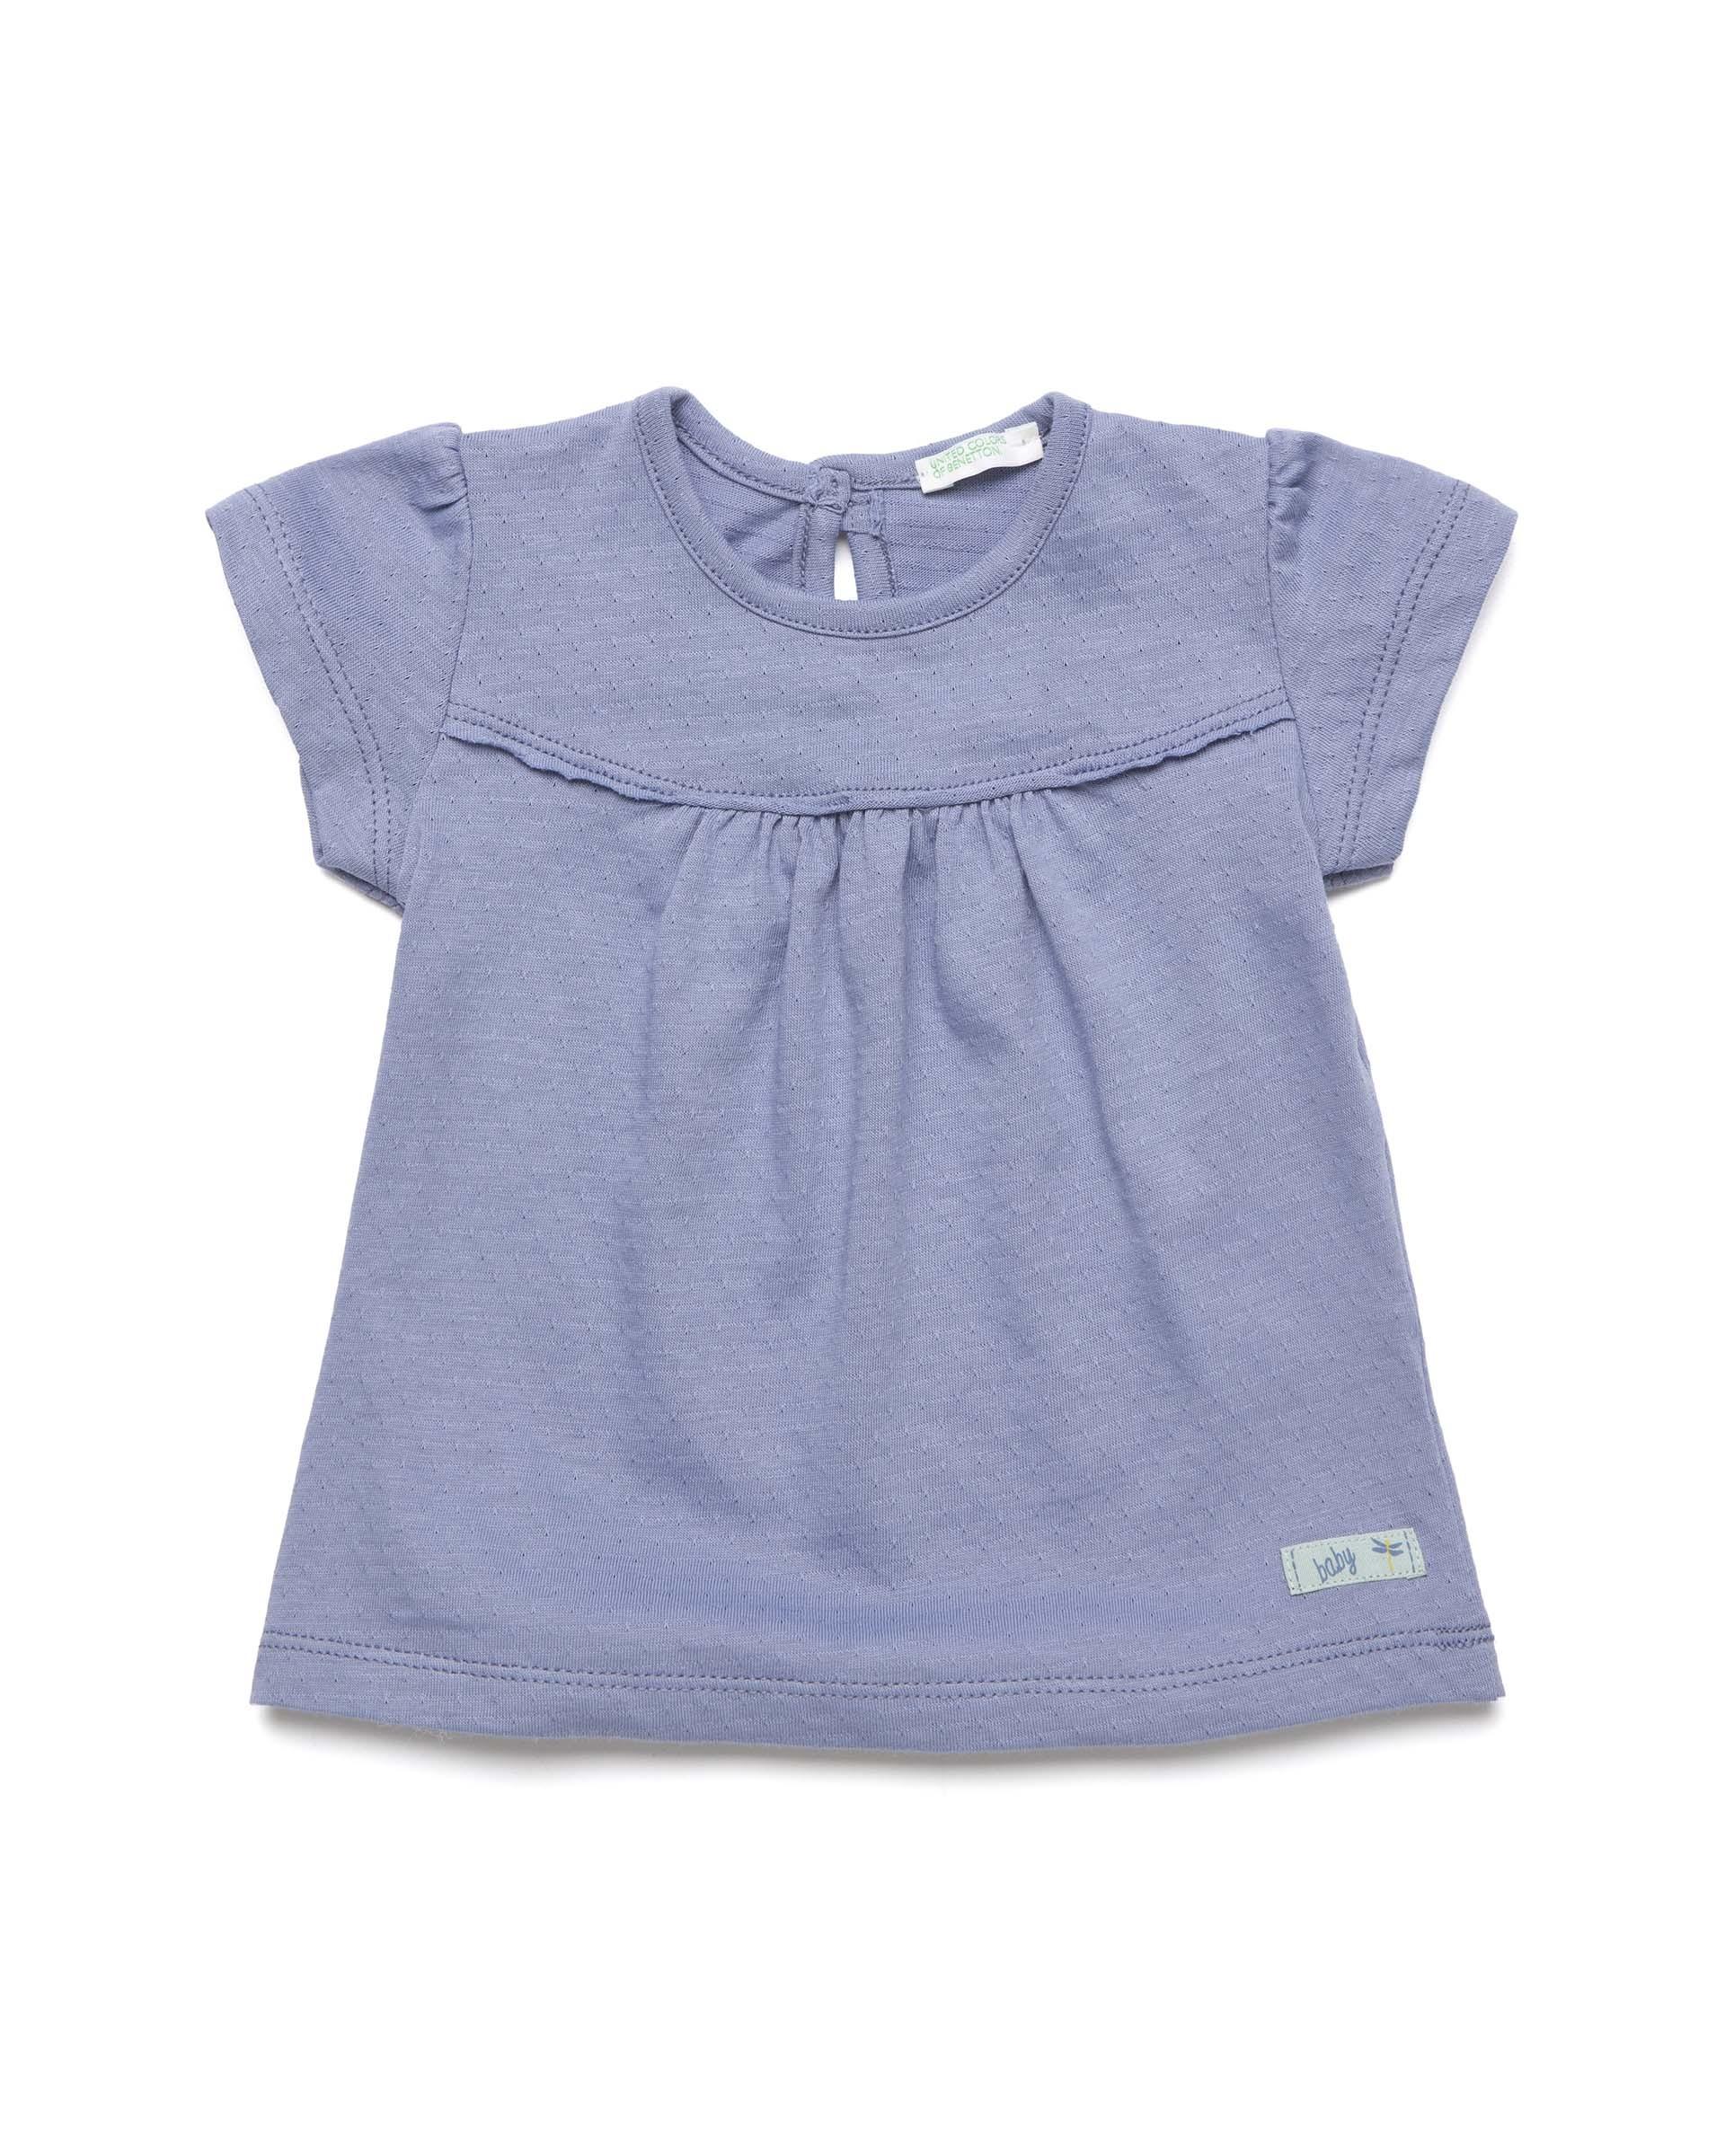 Купить 20P_3A1AMM25X_096, Футболка для девочек Benetton 3A1AMM25X_096 р-р 82, United Colors of Benetton, Кофточки, футболки для новорожденных